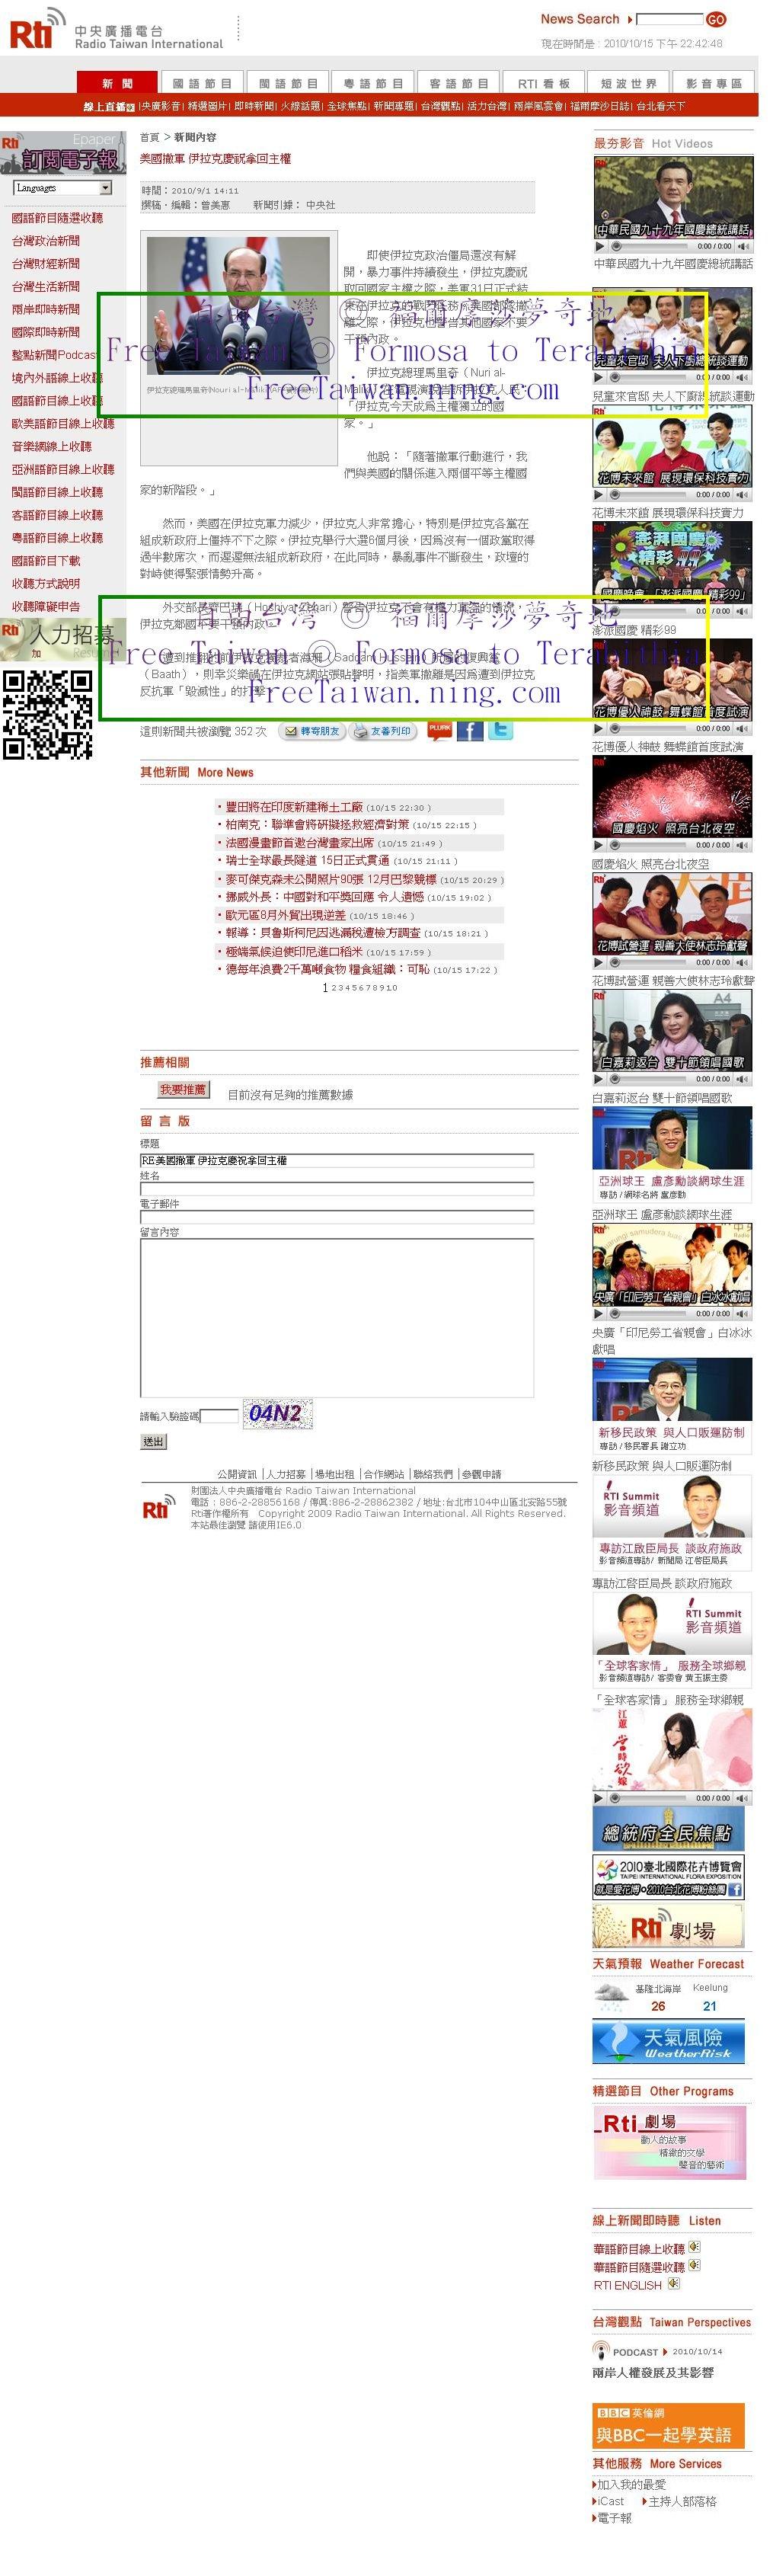 2010-09-01 美國撤軍 伊拉克慶祝拿回主權 - 中央廣播電台新聞頻道 自由台灣◎ 福爾摩莎夢奇地 Free Taiwan ◎ Formosa to Terabithia FreeTaiwan.ning.com